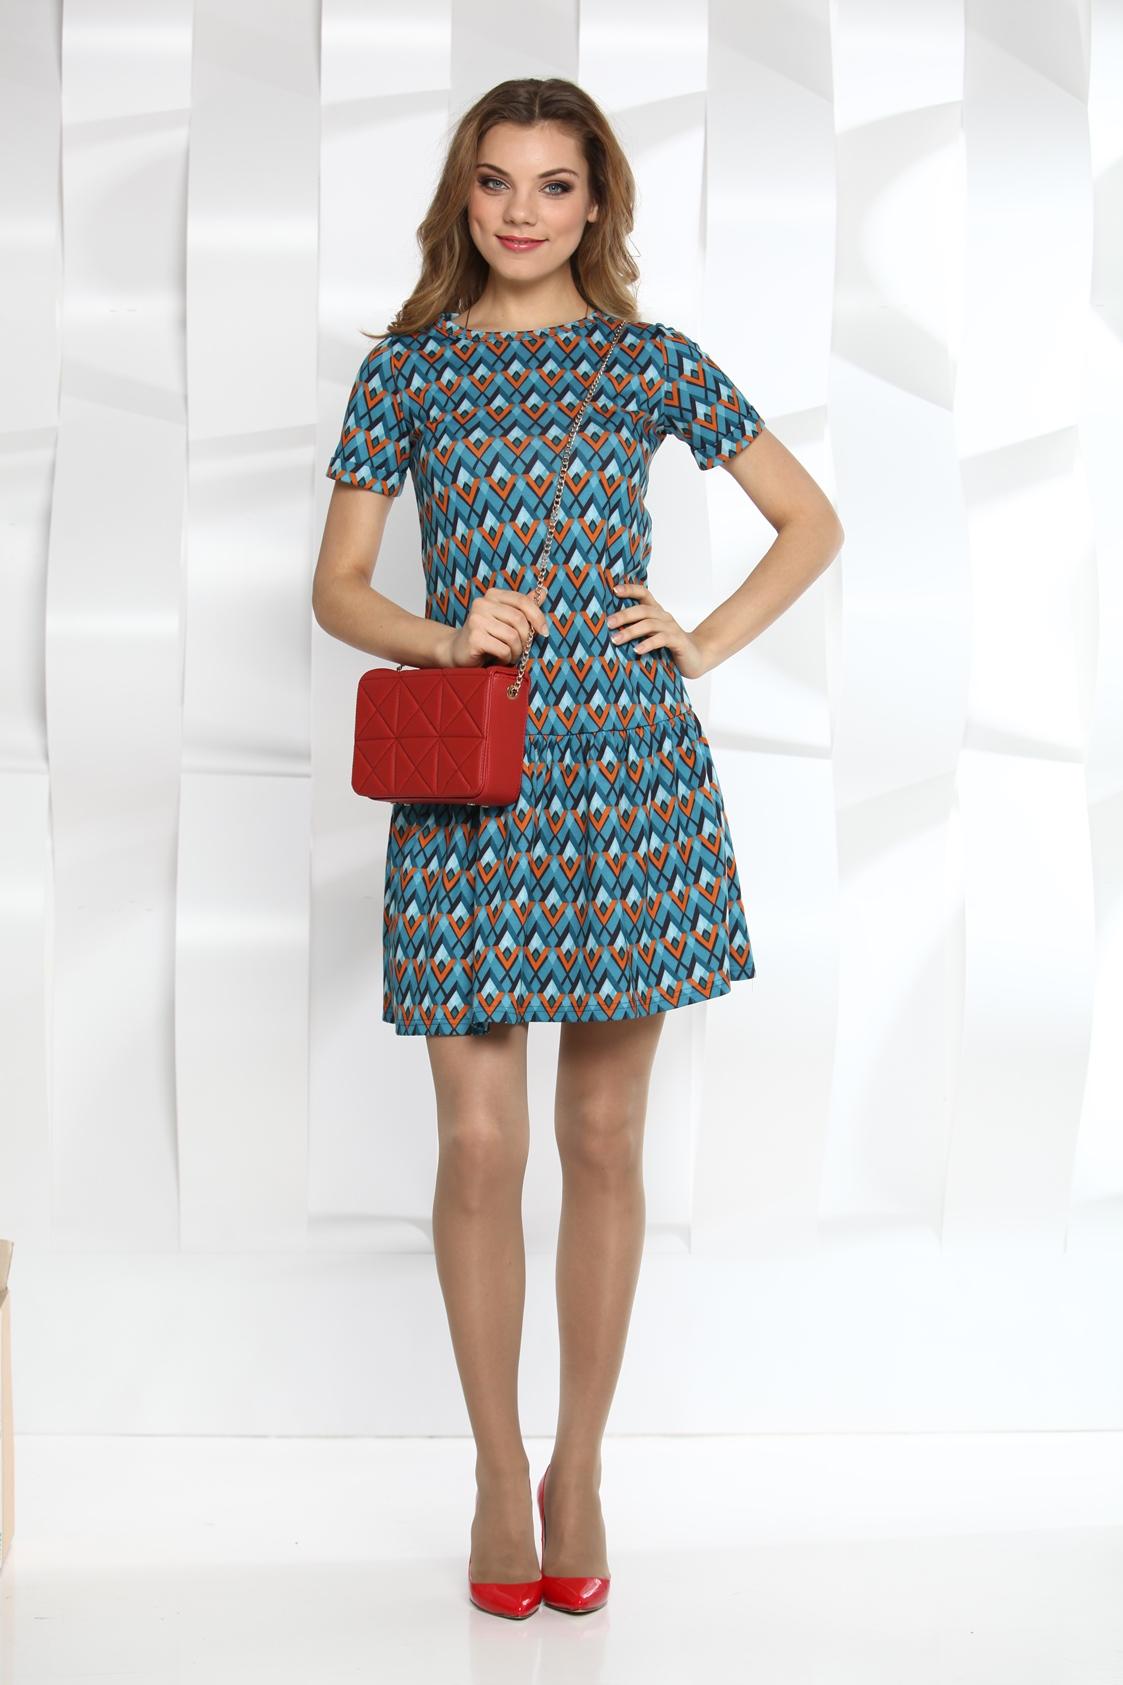 Платье, о котором мечтали, которое будет по - настоящему стильное, актуальное и удобное..Apple dress. Без рядов 15 выкуп